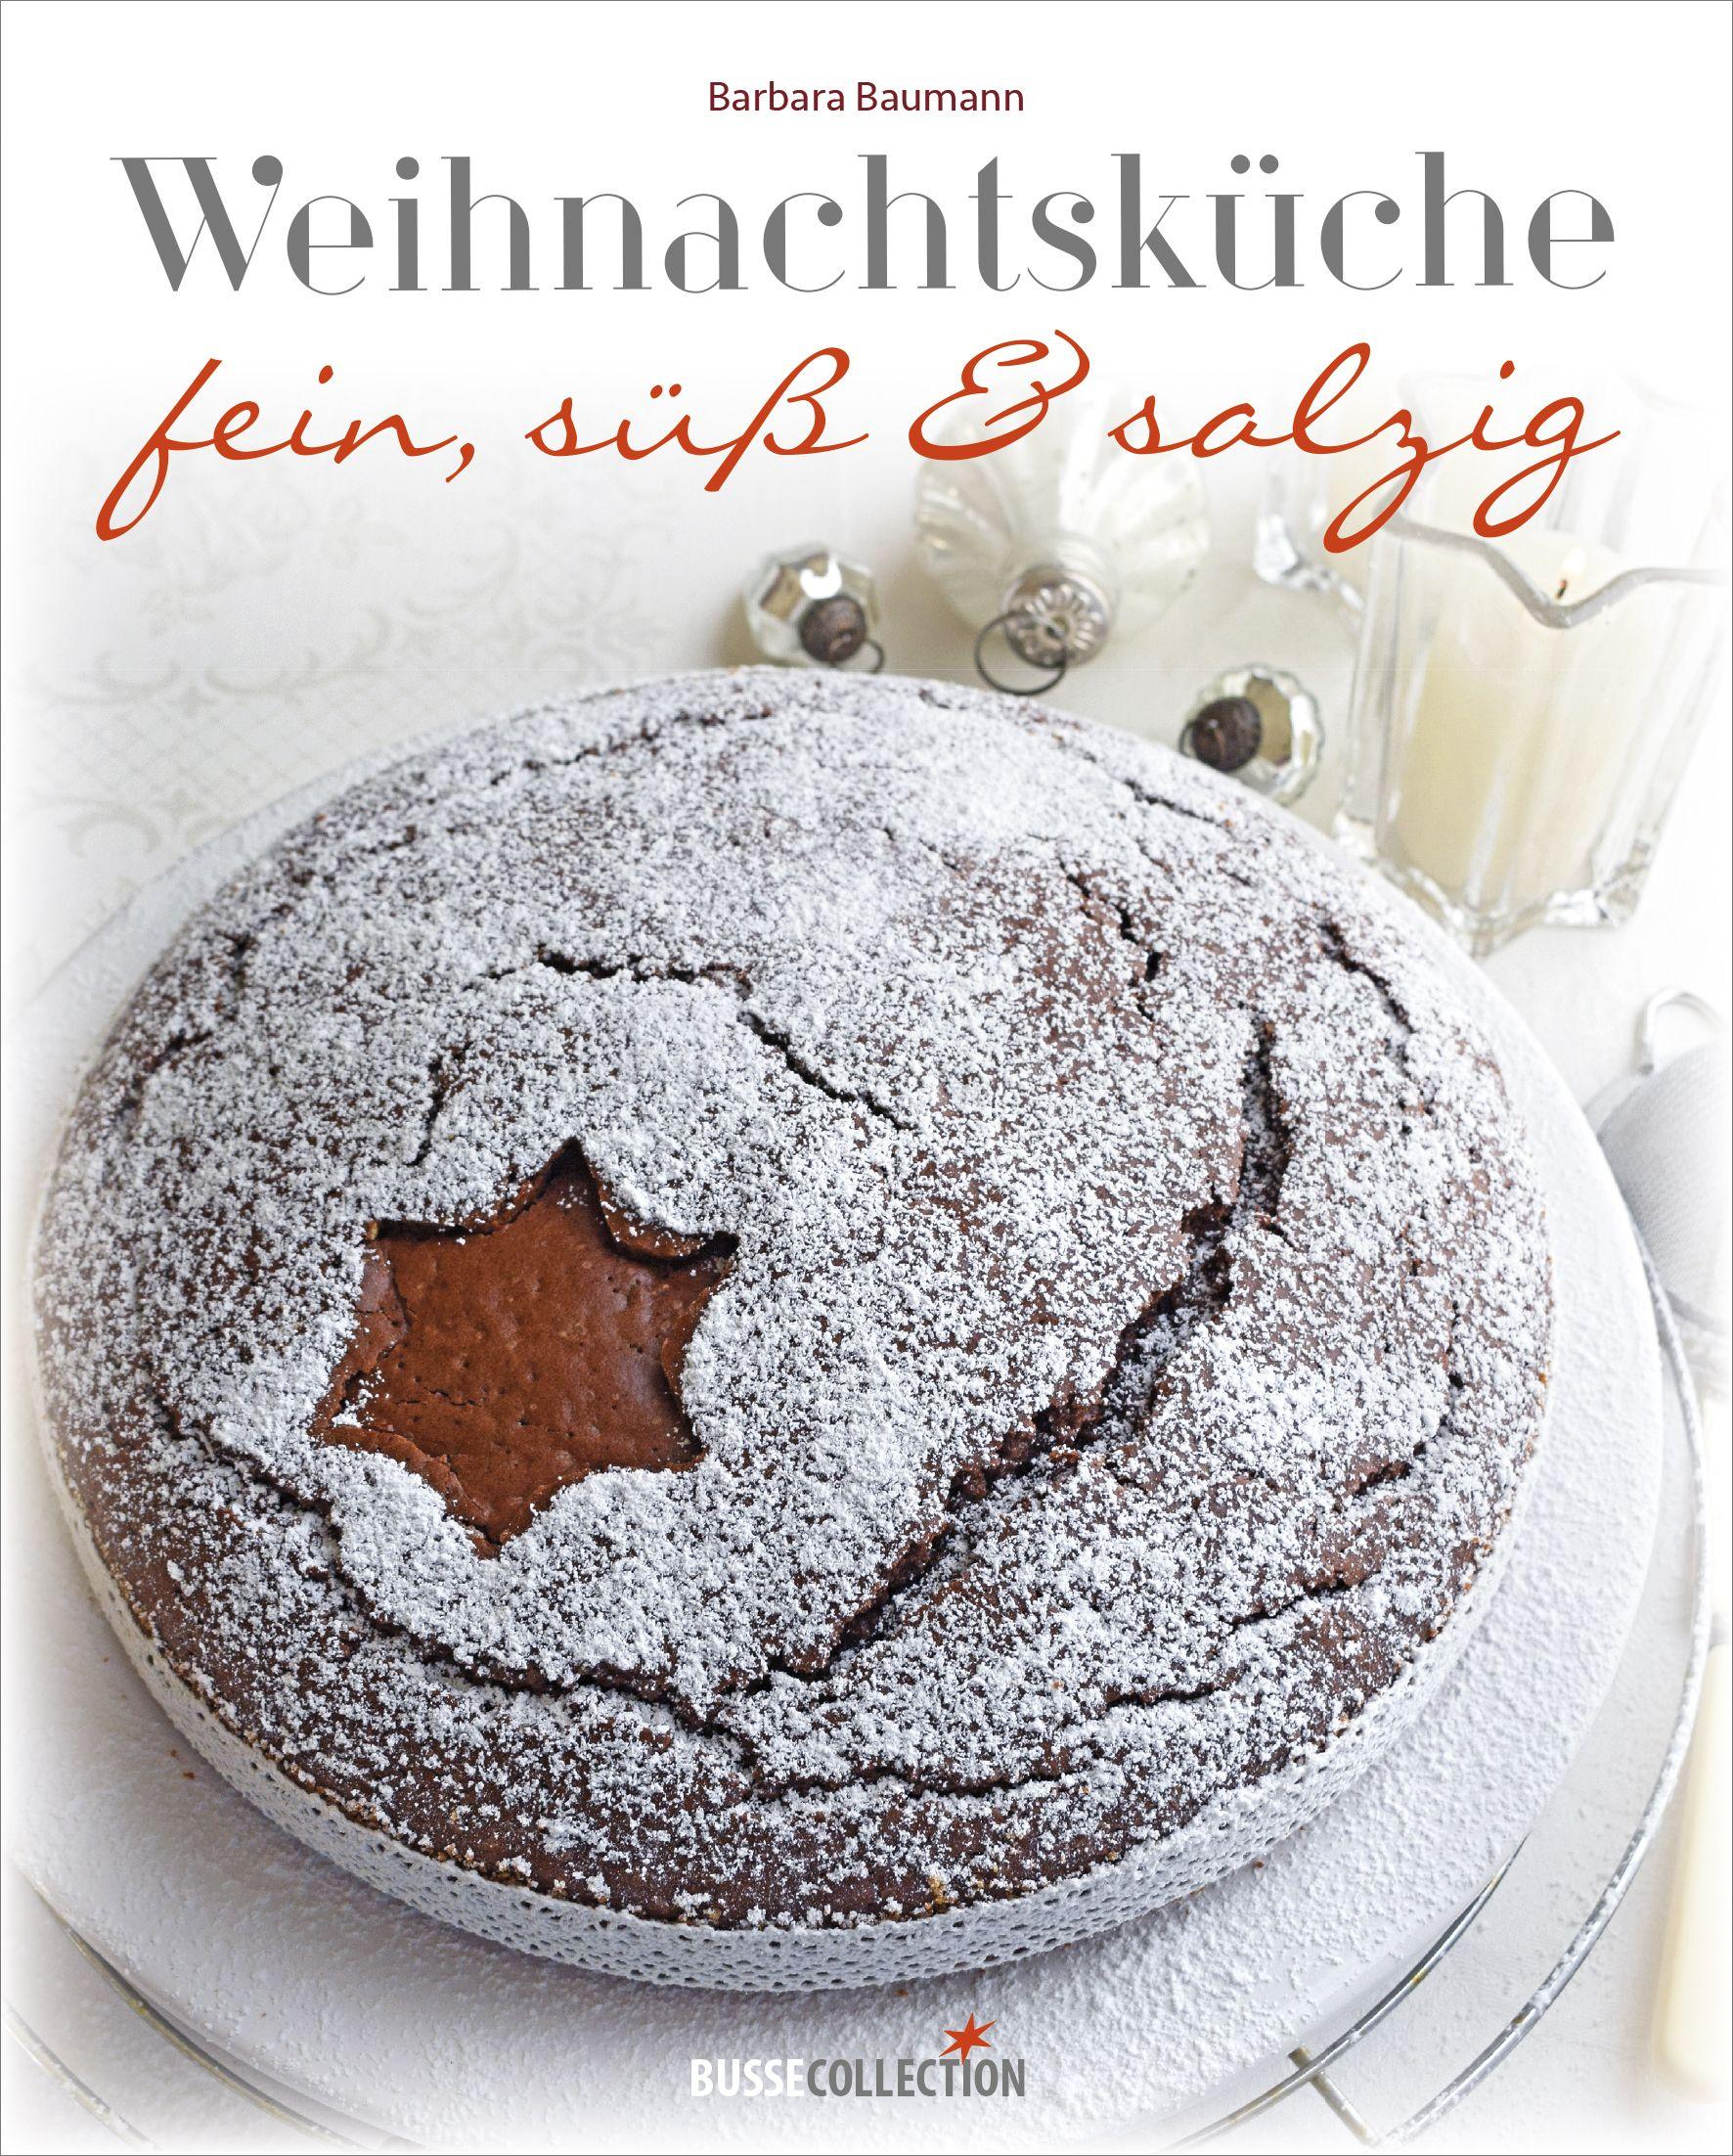 Weihnachtsküche von Baumann, Barbara: fein, süß, salzig